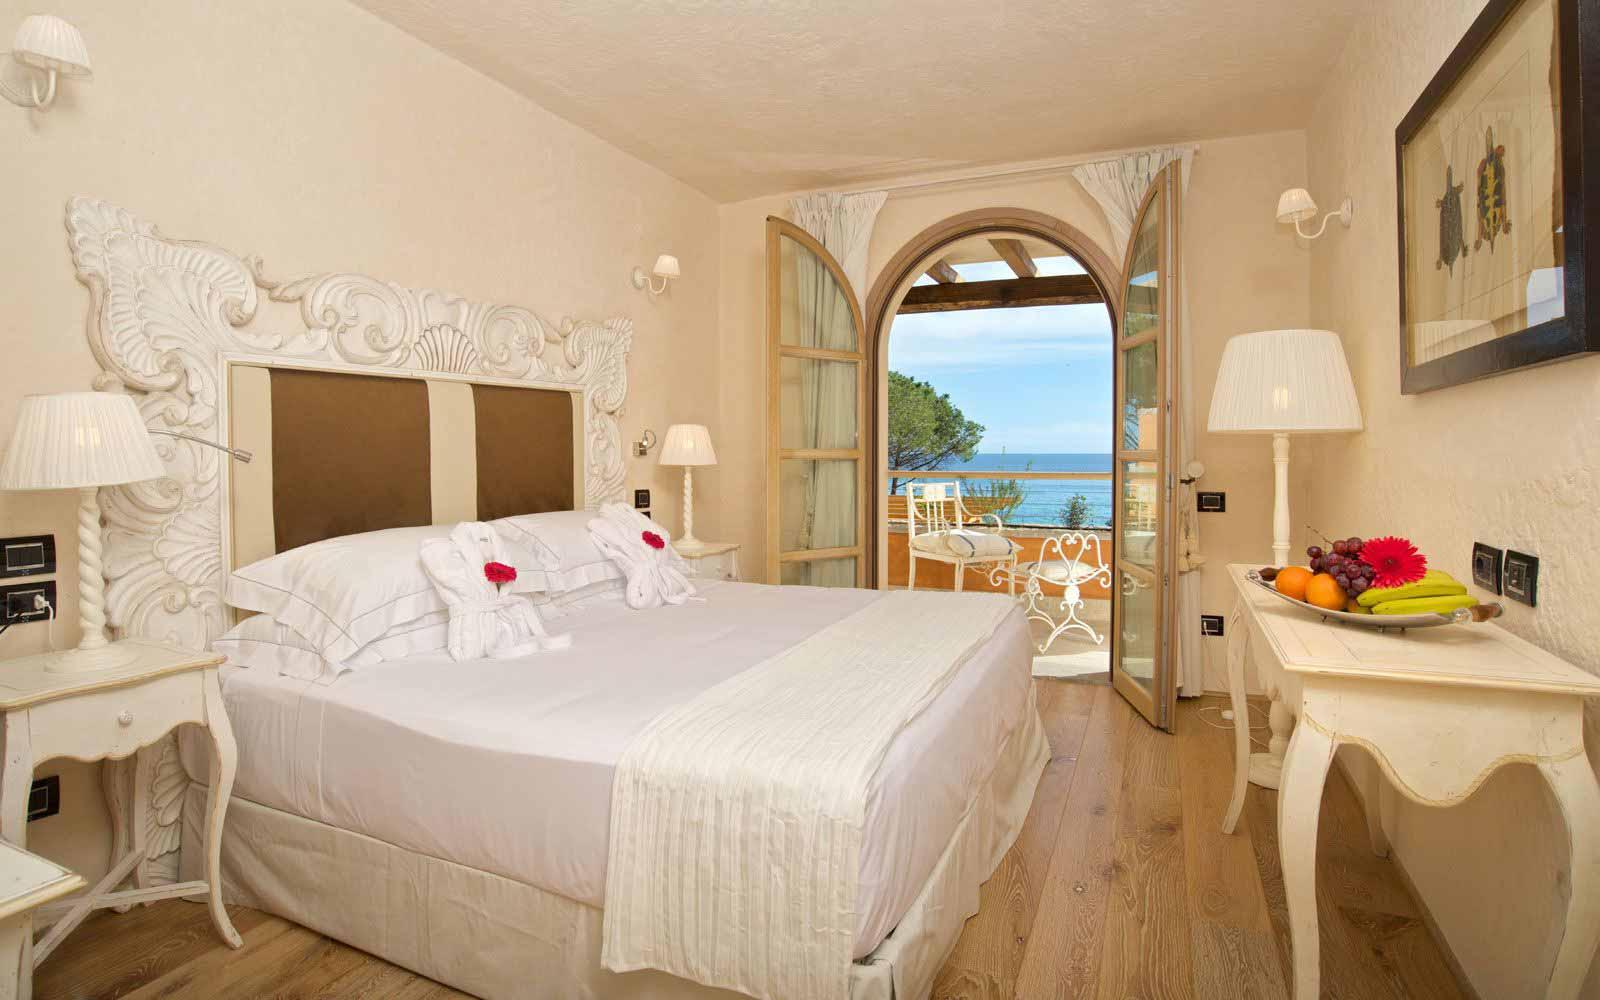 Superior room at theHotel Villa del Re